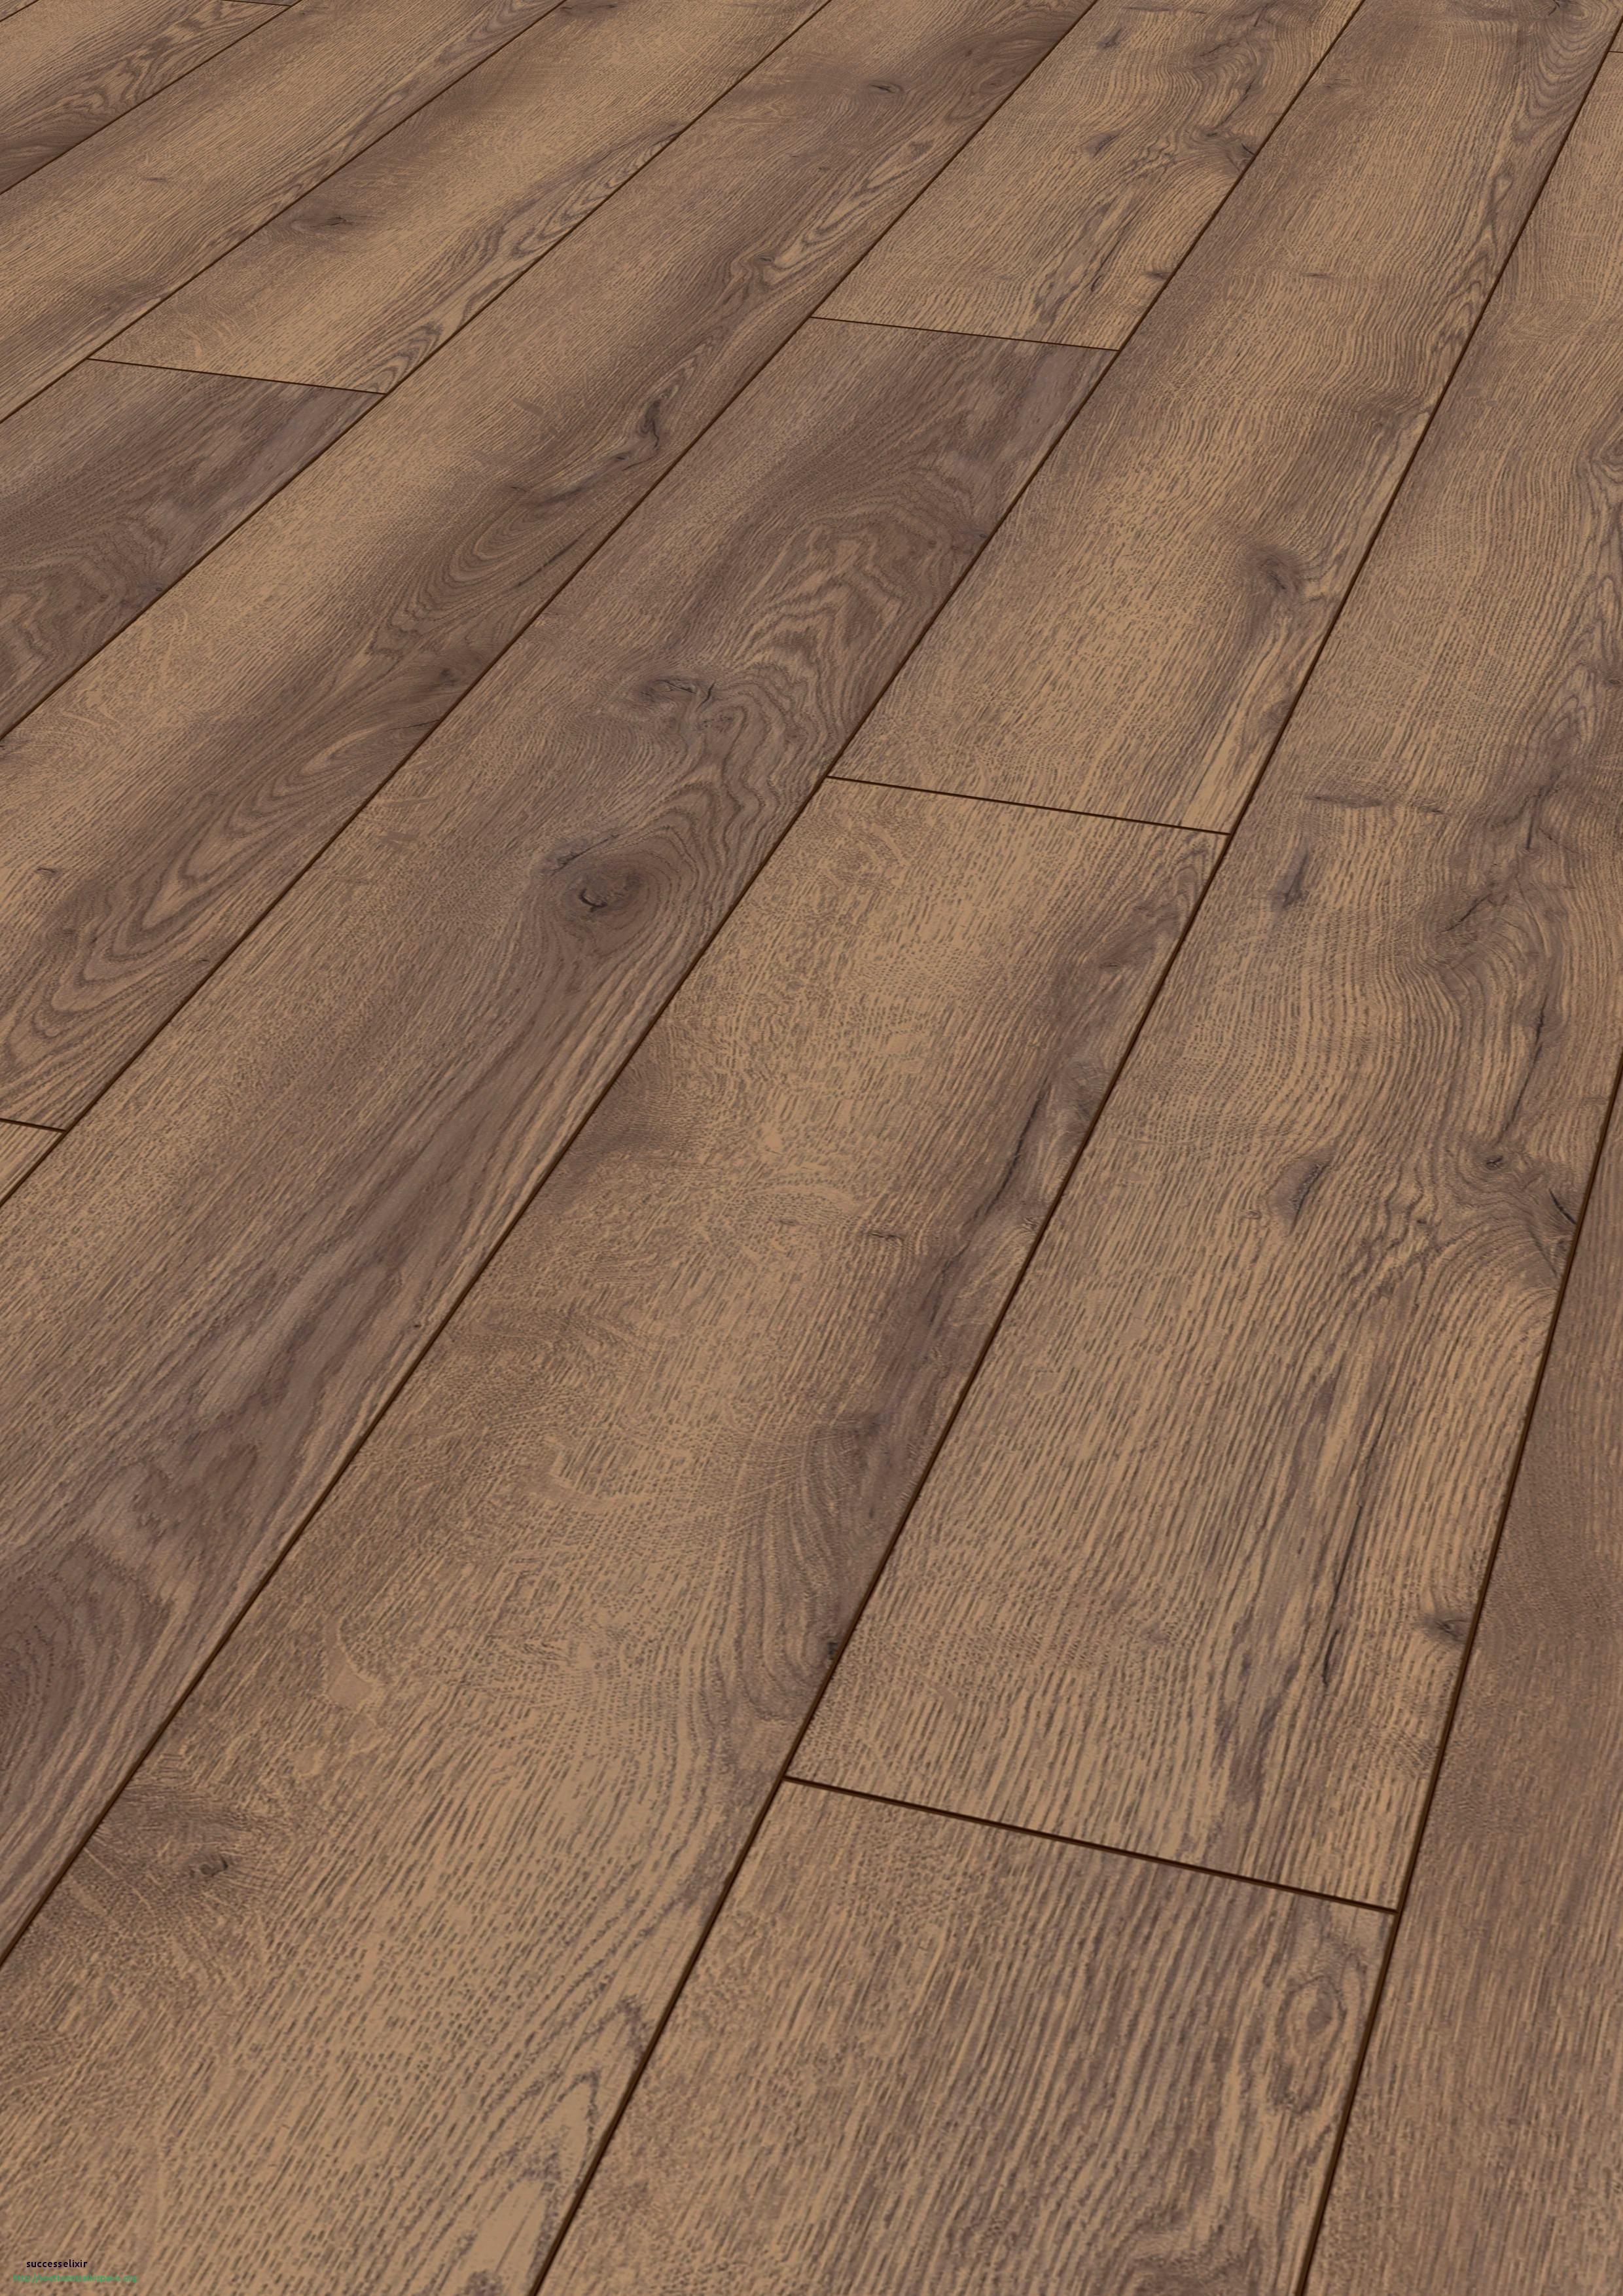 laminate or hardwood flooring of lay laminate flooring 28 fantastic laminate wood flooring model pertaining to lay laminate flooring 28 fantastic laminate wood flooring model